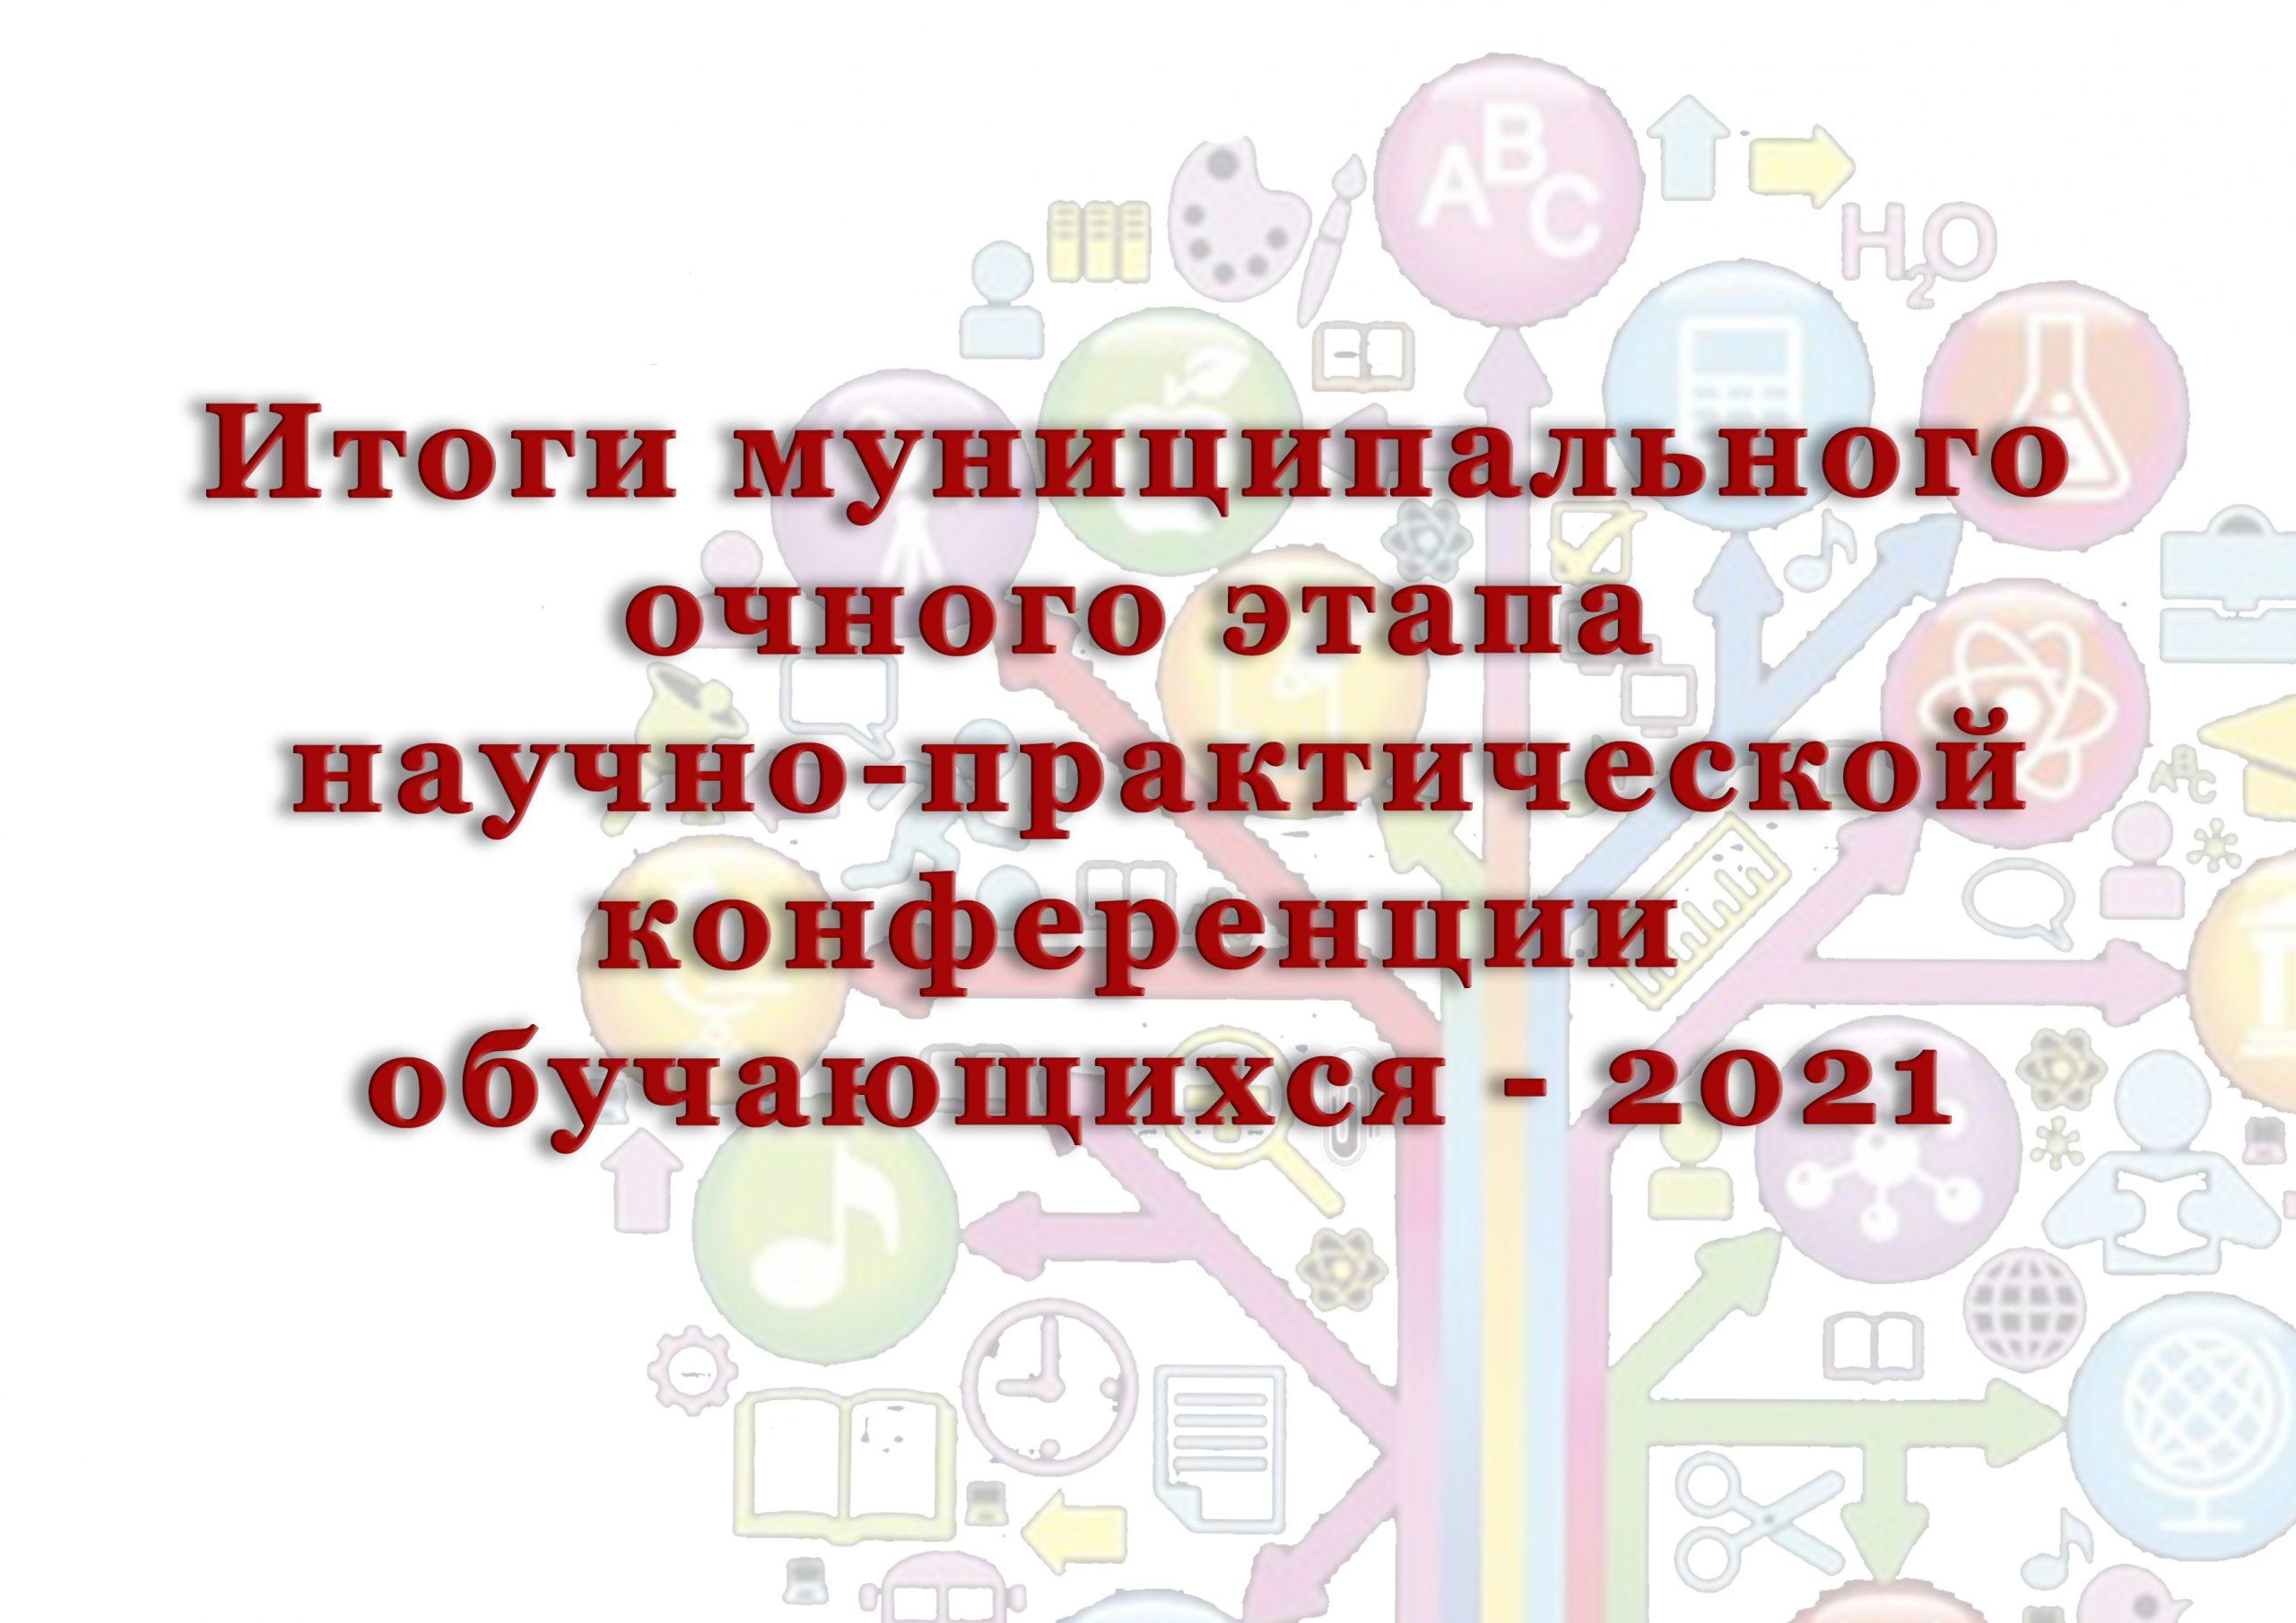 Научно-практическая конференция обучающихся  2020/2021 учебного года «Юные интеллектуалы Среднего Урала»